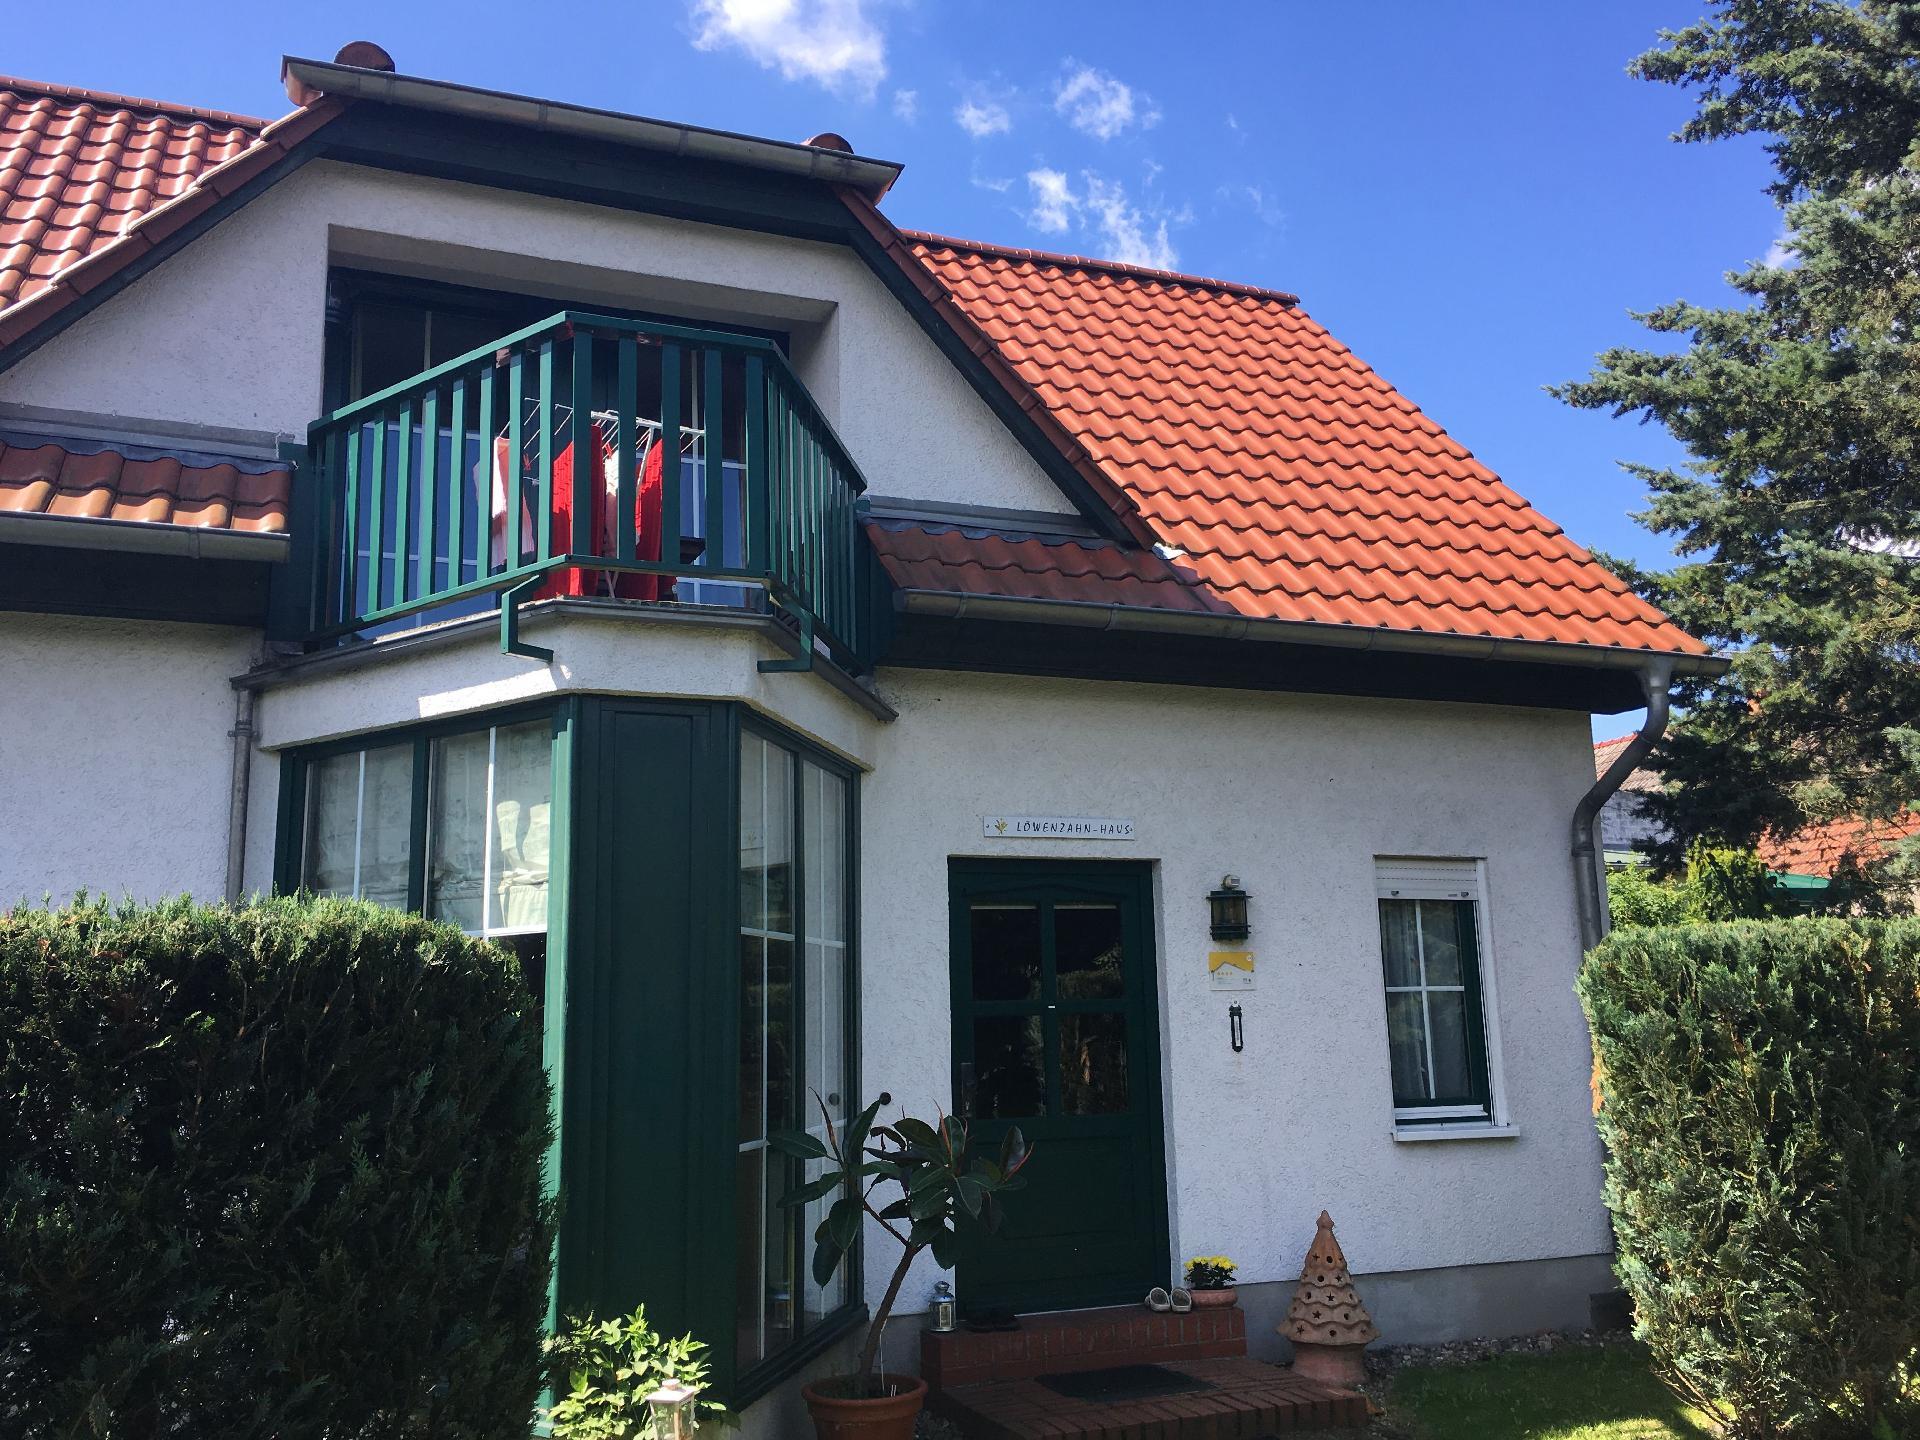 Ferienhaus für 4 Personen  + 1 Kind ca. 126 m   Brandenburg